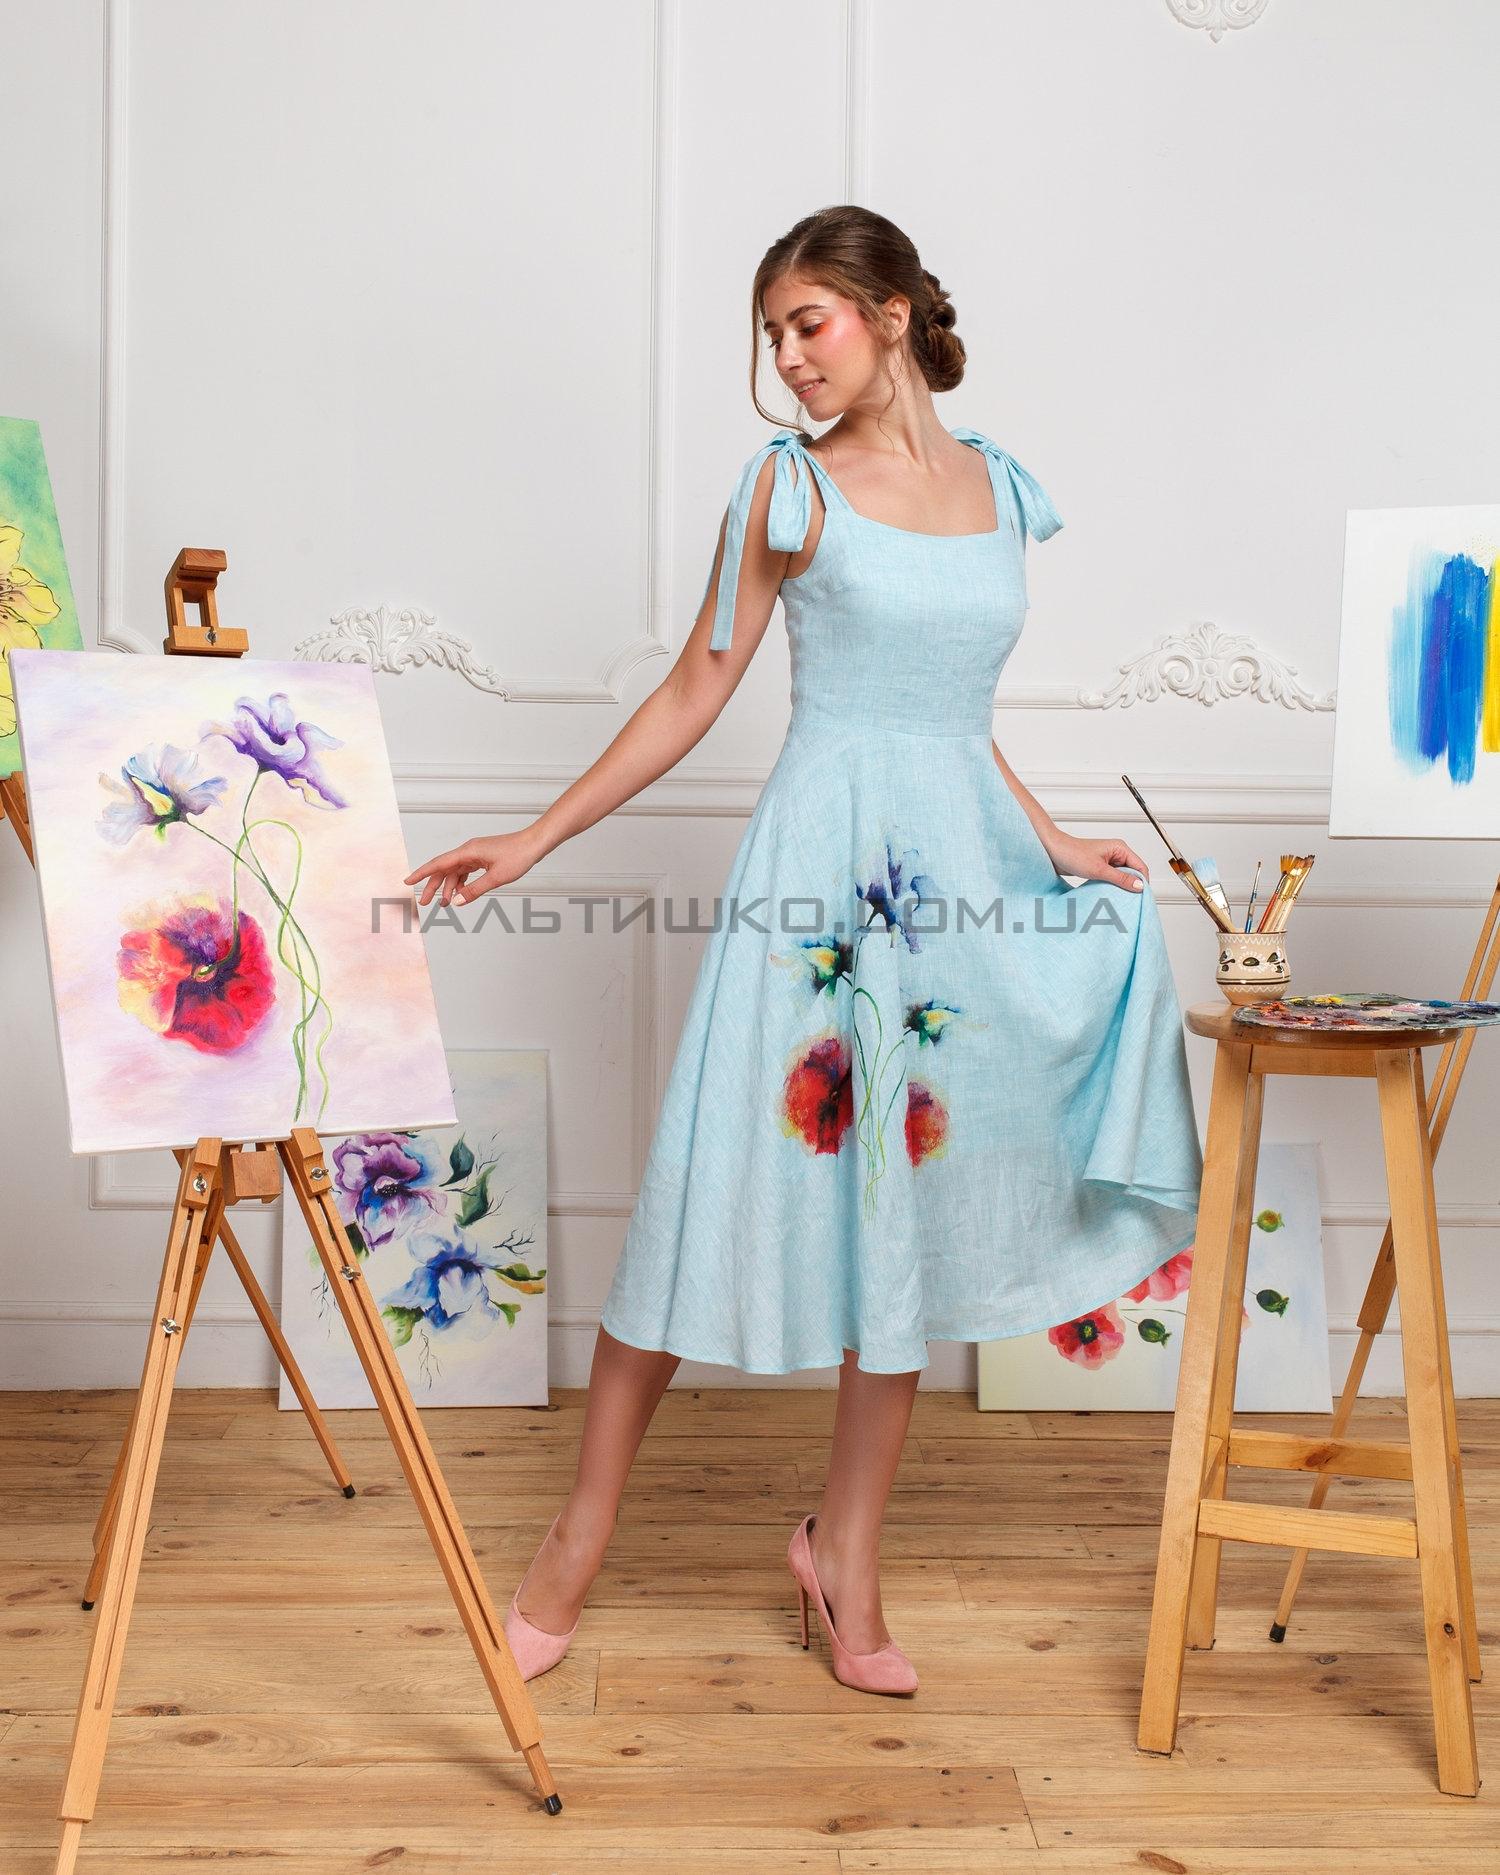 Платье голубое с маками